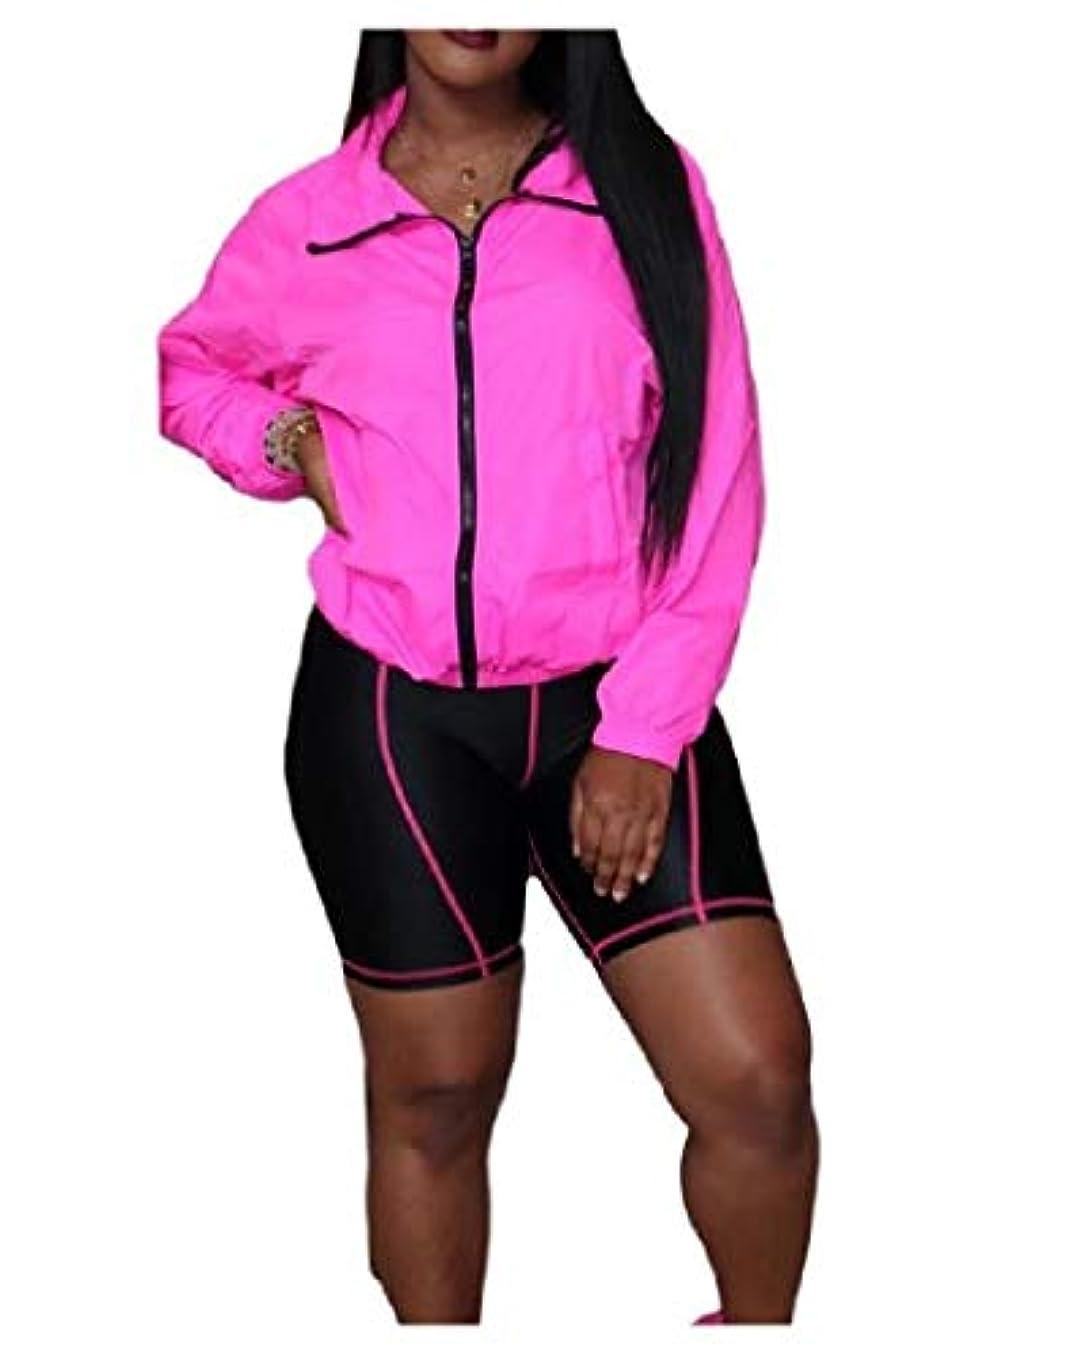 韻冷酷なくすぐったいYAXINHE 女性ジップアップカジュアル秋冬のトップスアウトウェアとパンツの衣装